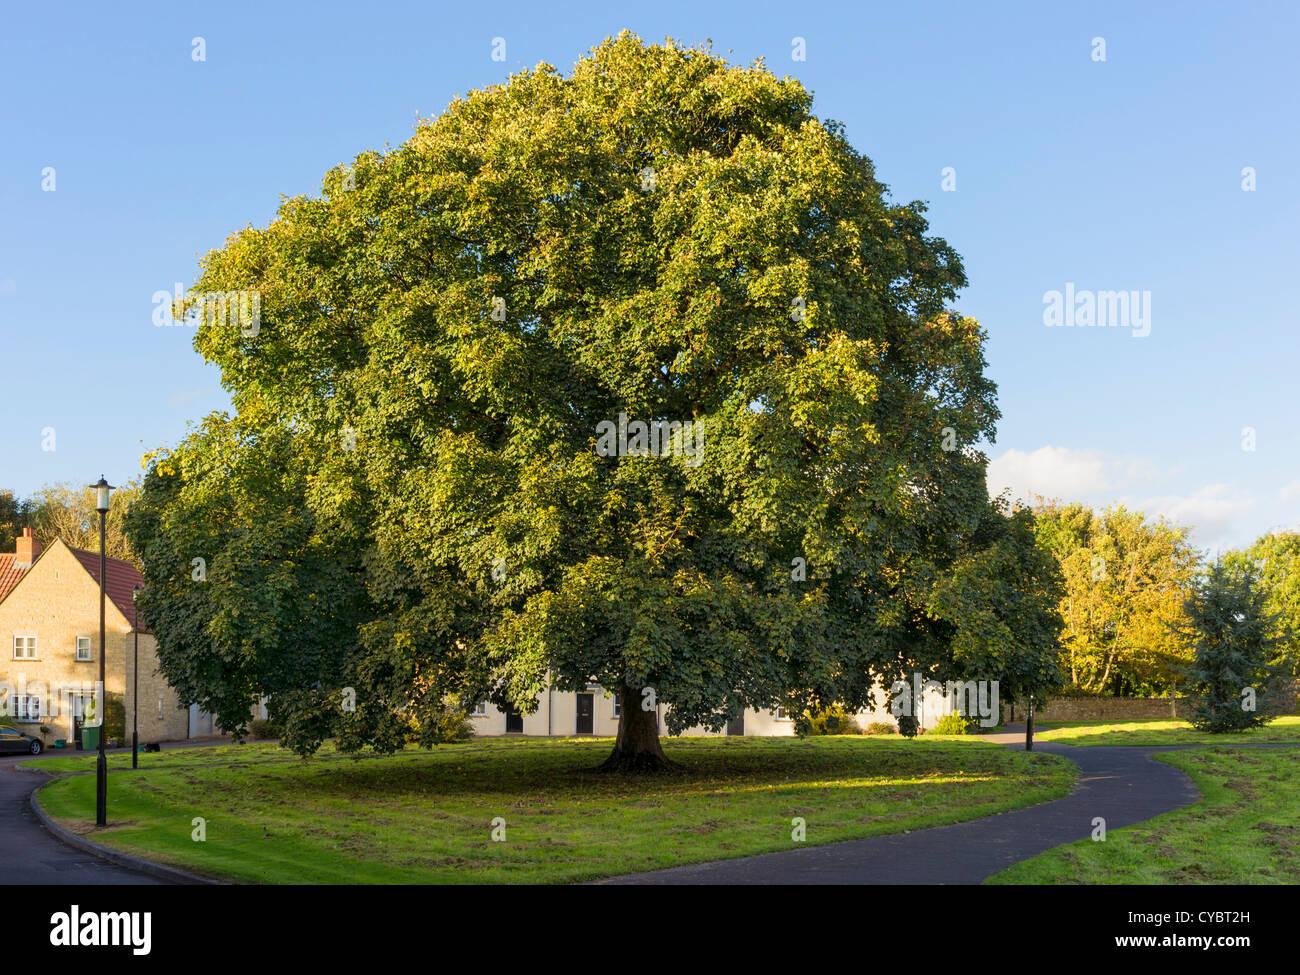 Albero di quercia, UK Immagini Stock